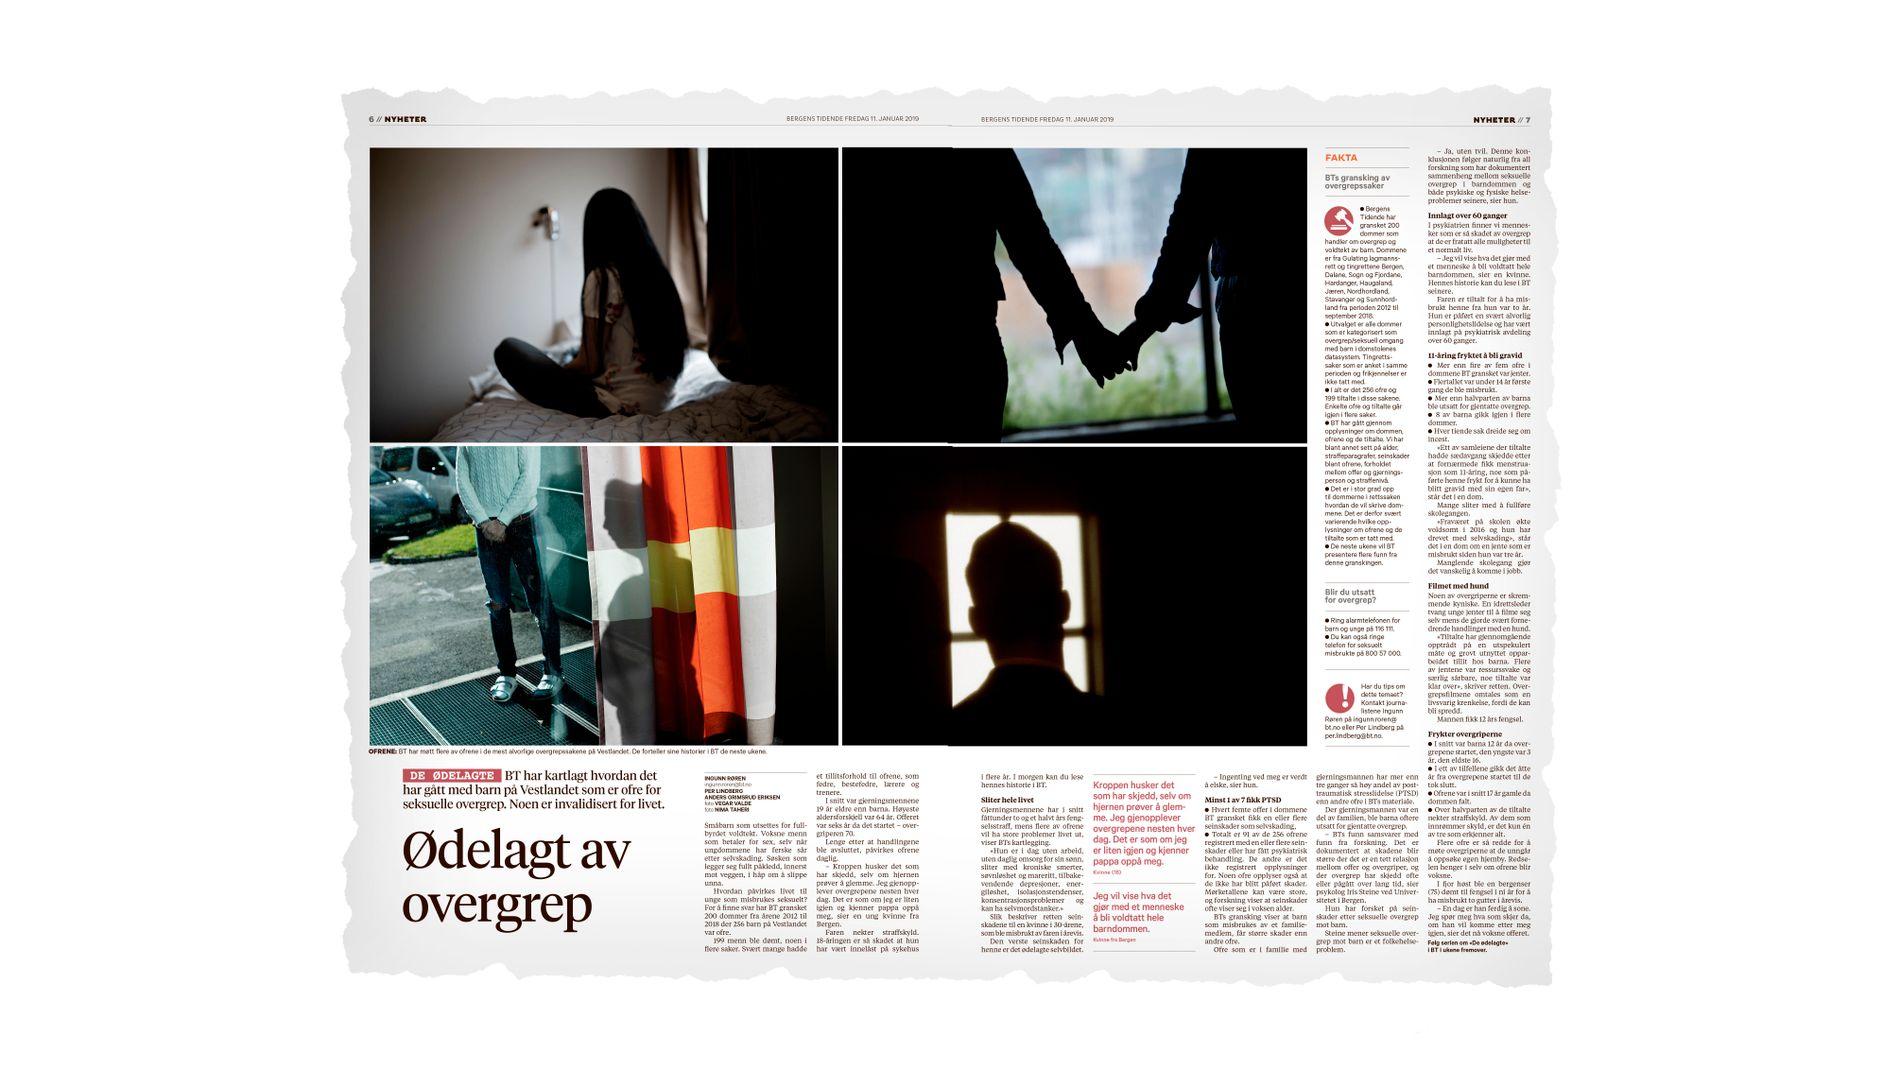 SVARTMALER: Først og fremst er det positivt at BT forteller om de grusomme konsekvensene som overgrep mot barn og unge kan ha, men vi reagerer på bildet av overgrepsutsatte som males, skriver psykolog